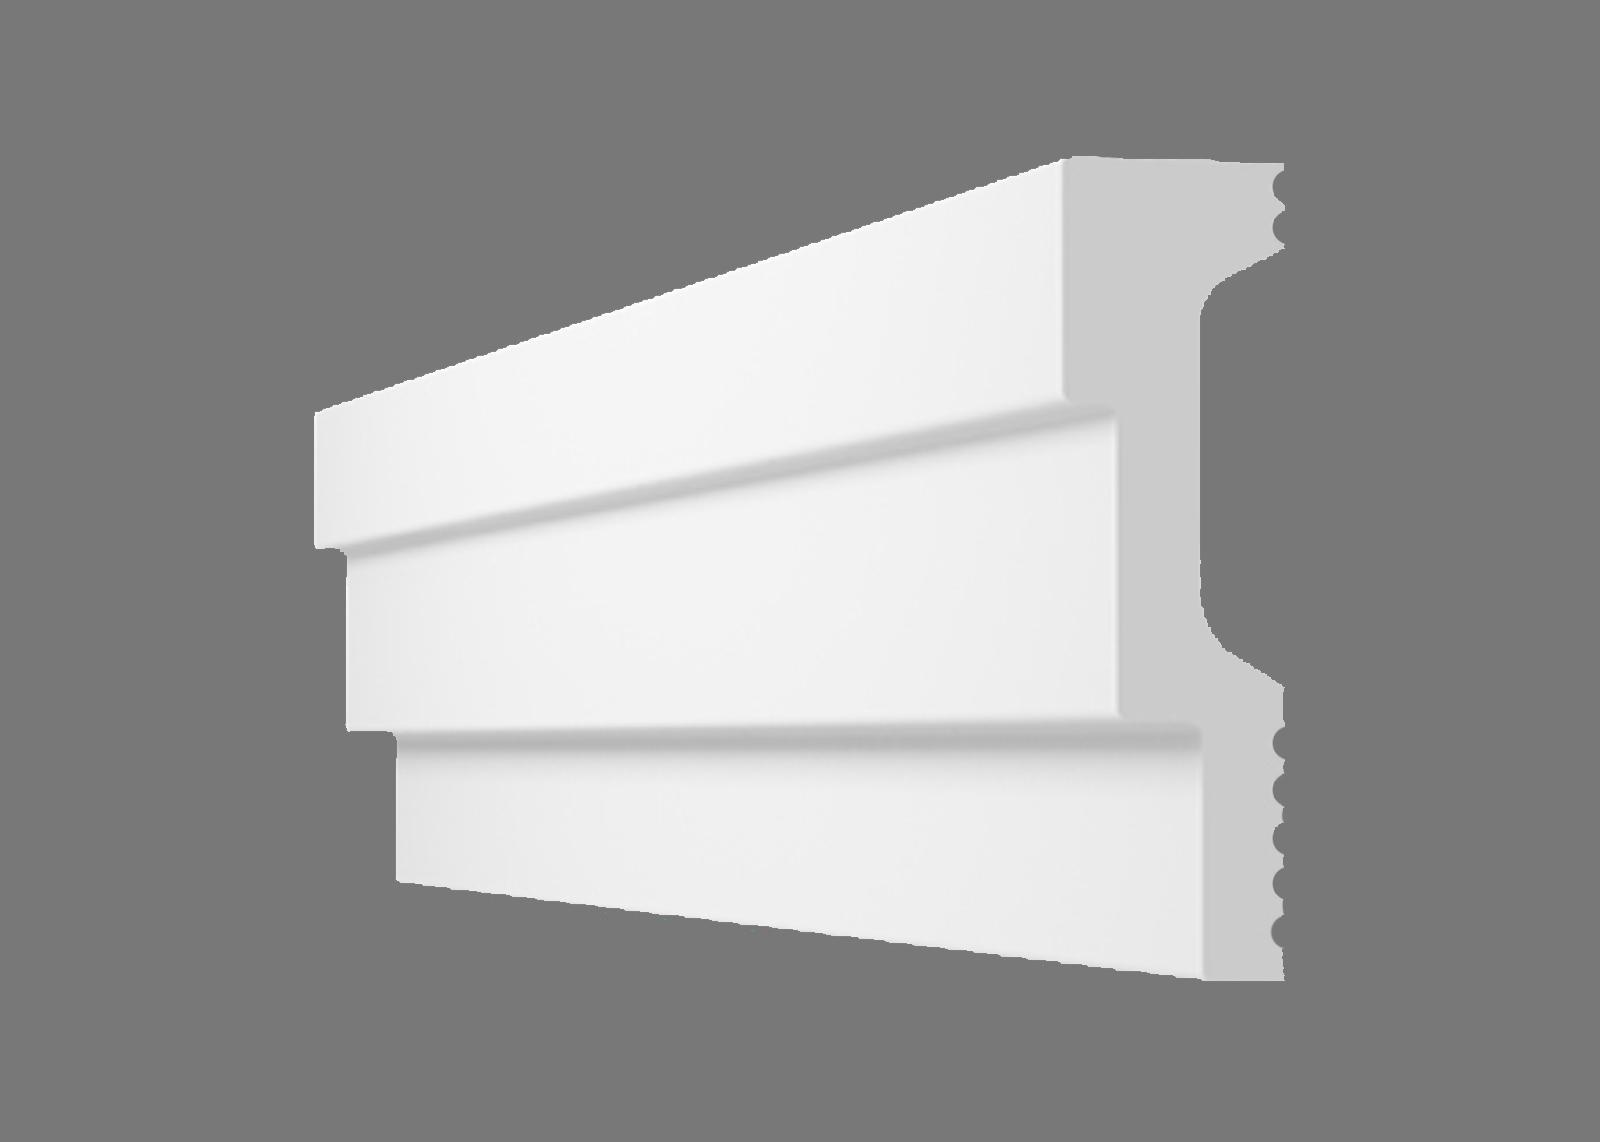 Потолочный плинтус L-60 (Размер:16х60мм)